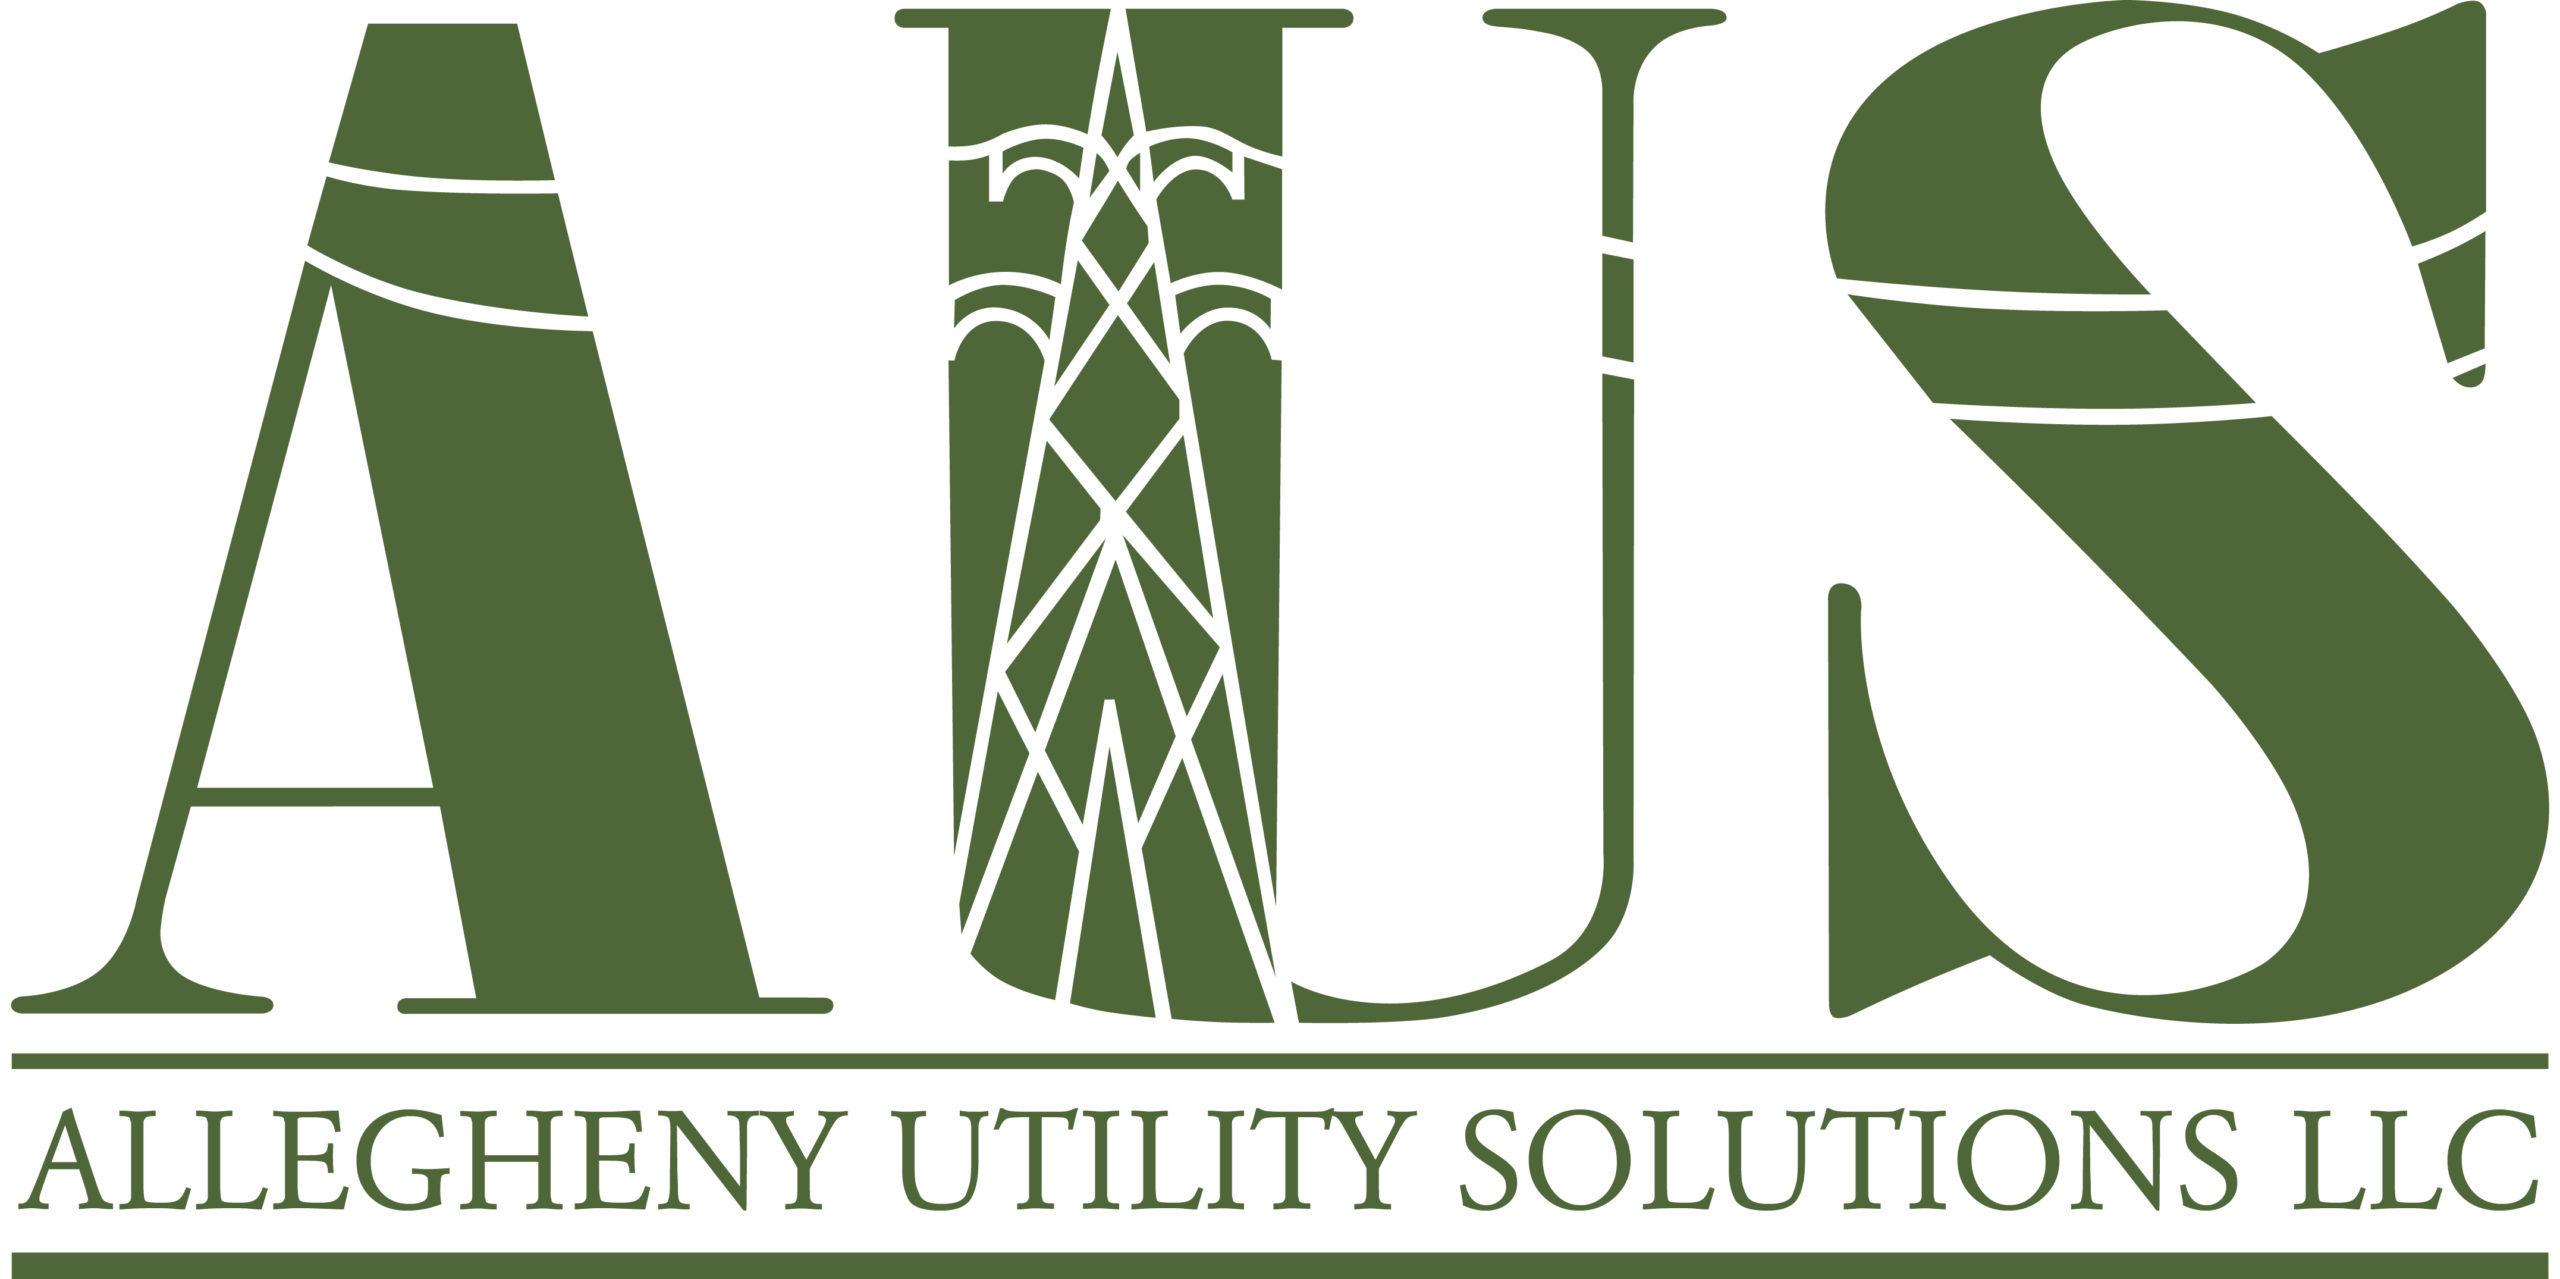 Allegheny Utility Solutions LLC